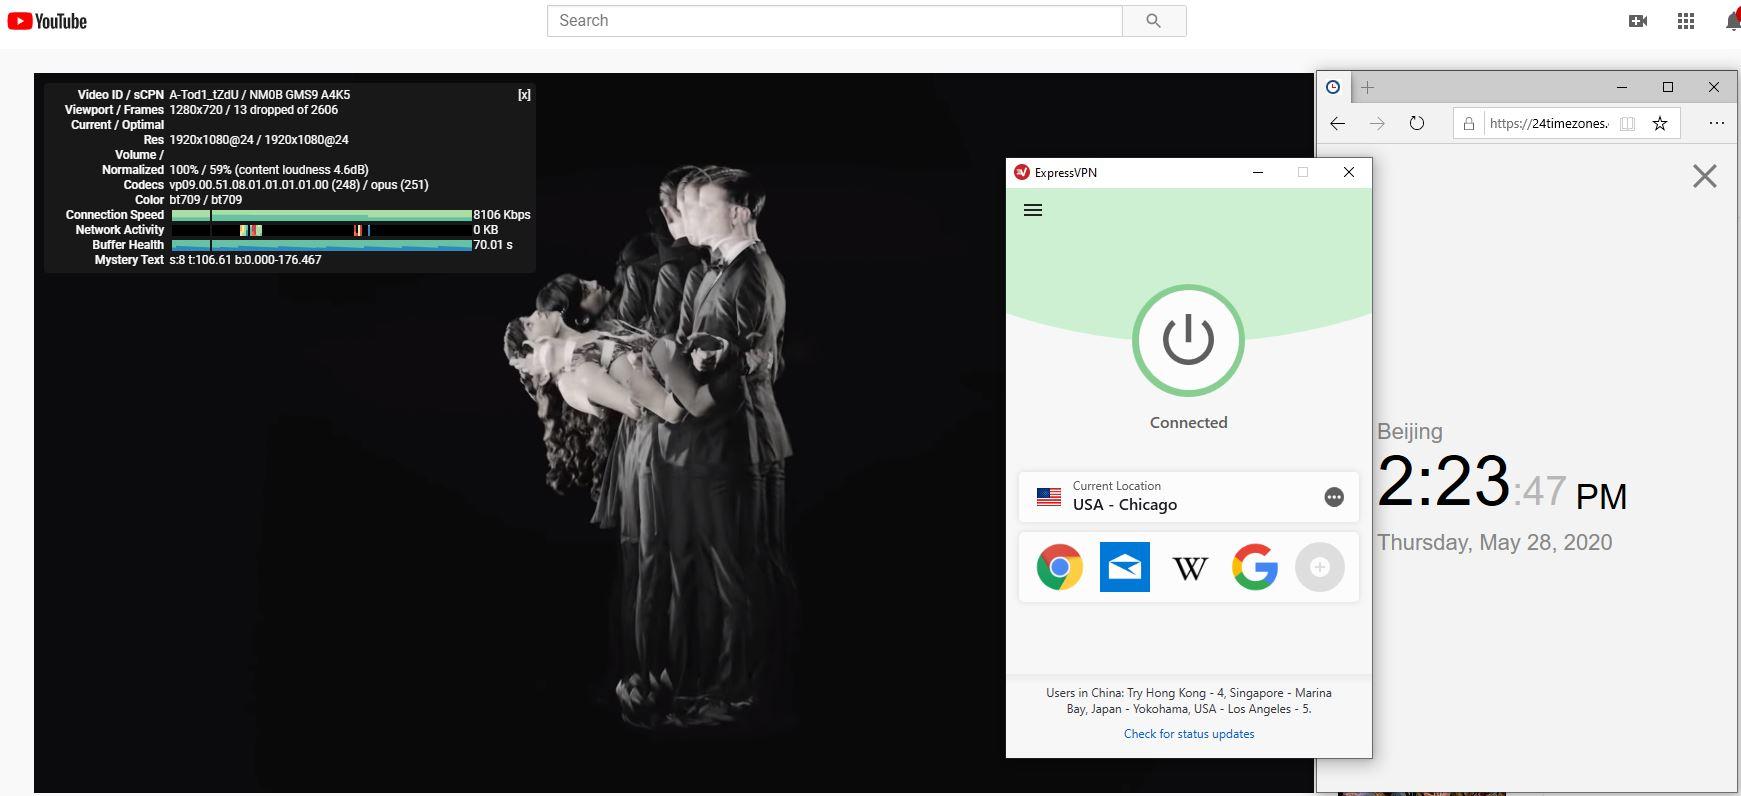 Windows10 ExpressVPN USA - Chicago 中国VPN 翻墙 科学上网 测速-20200528